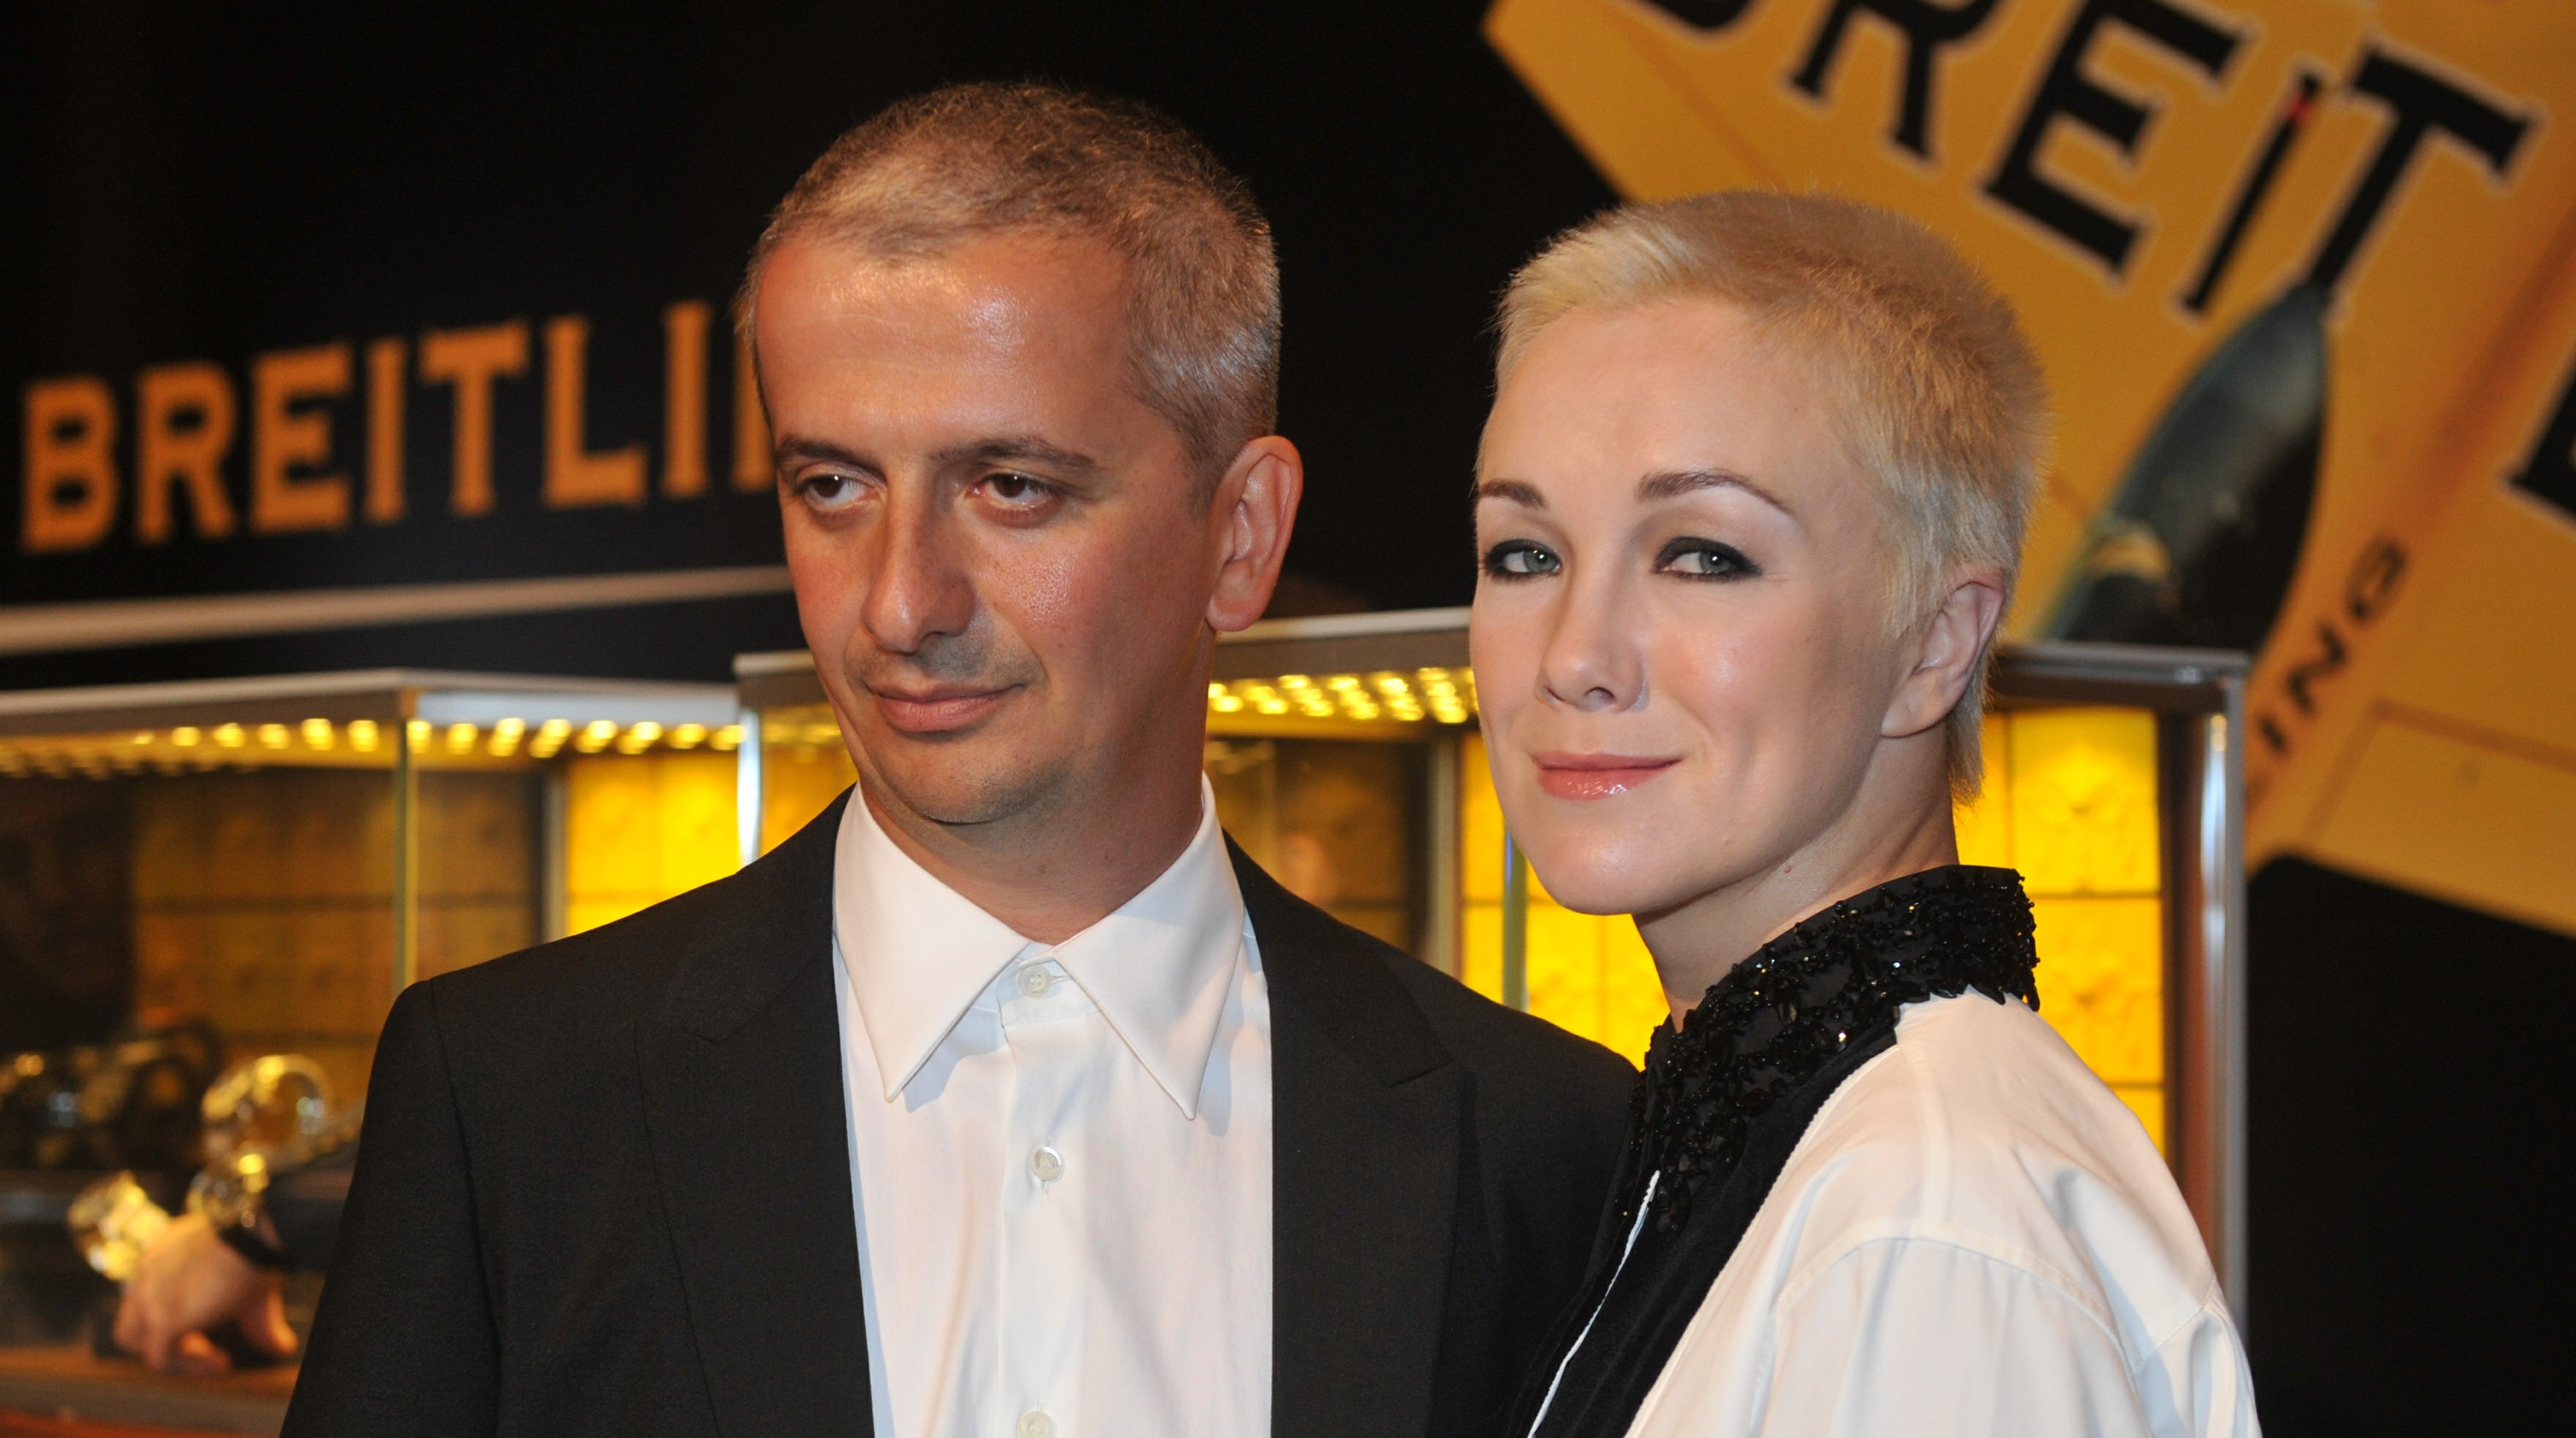 Дарья Мороз рассказала, что зарабатывала больше, чем Константин Богомолов